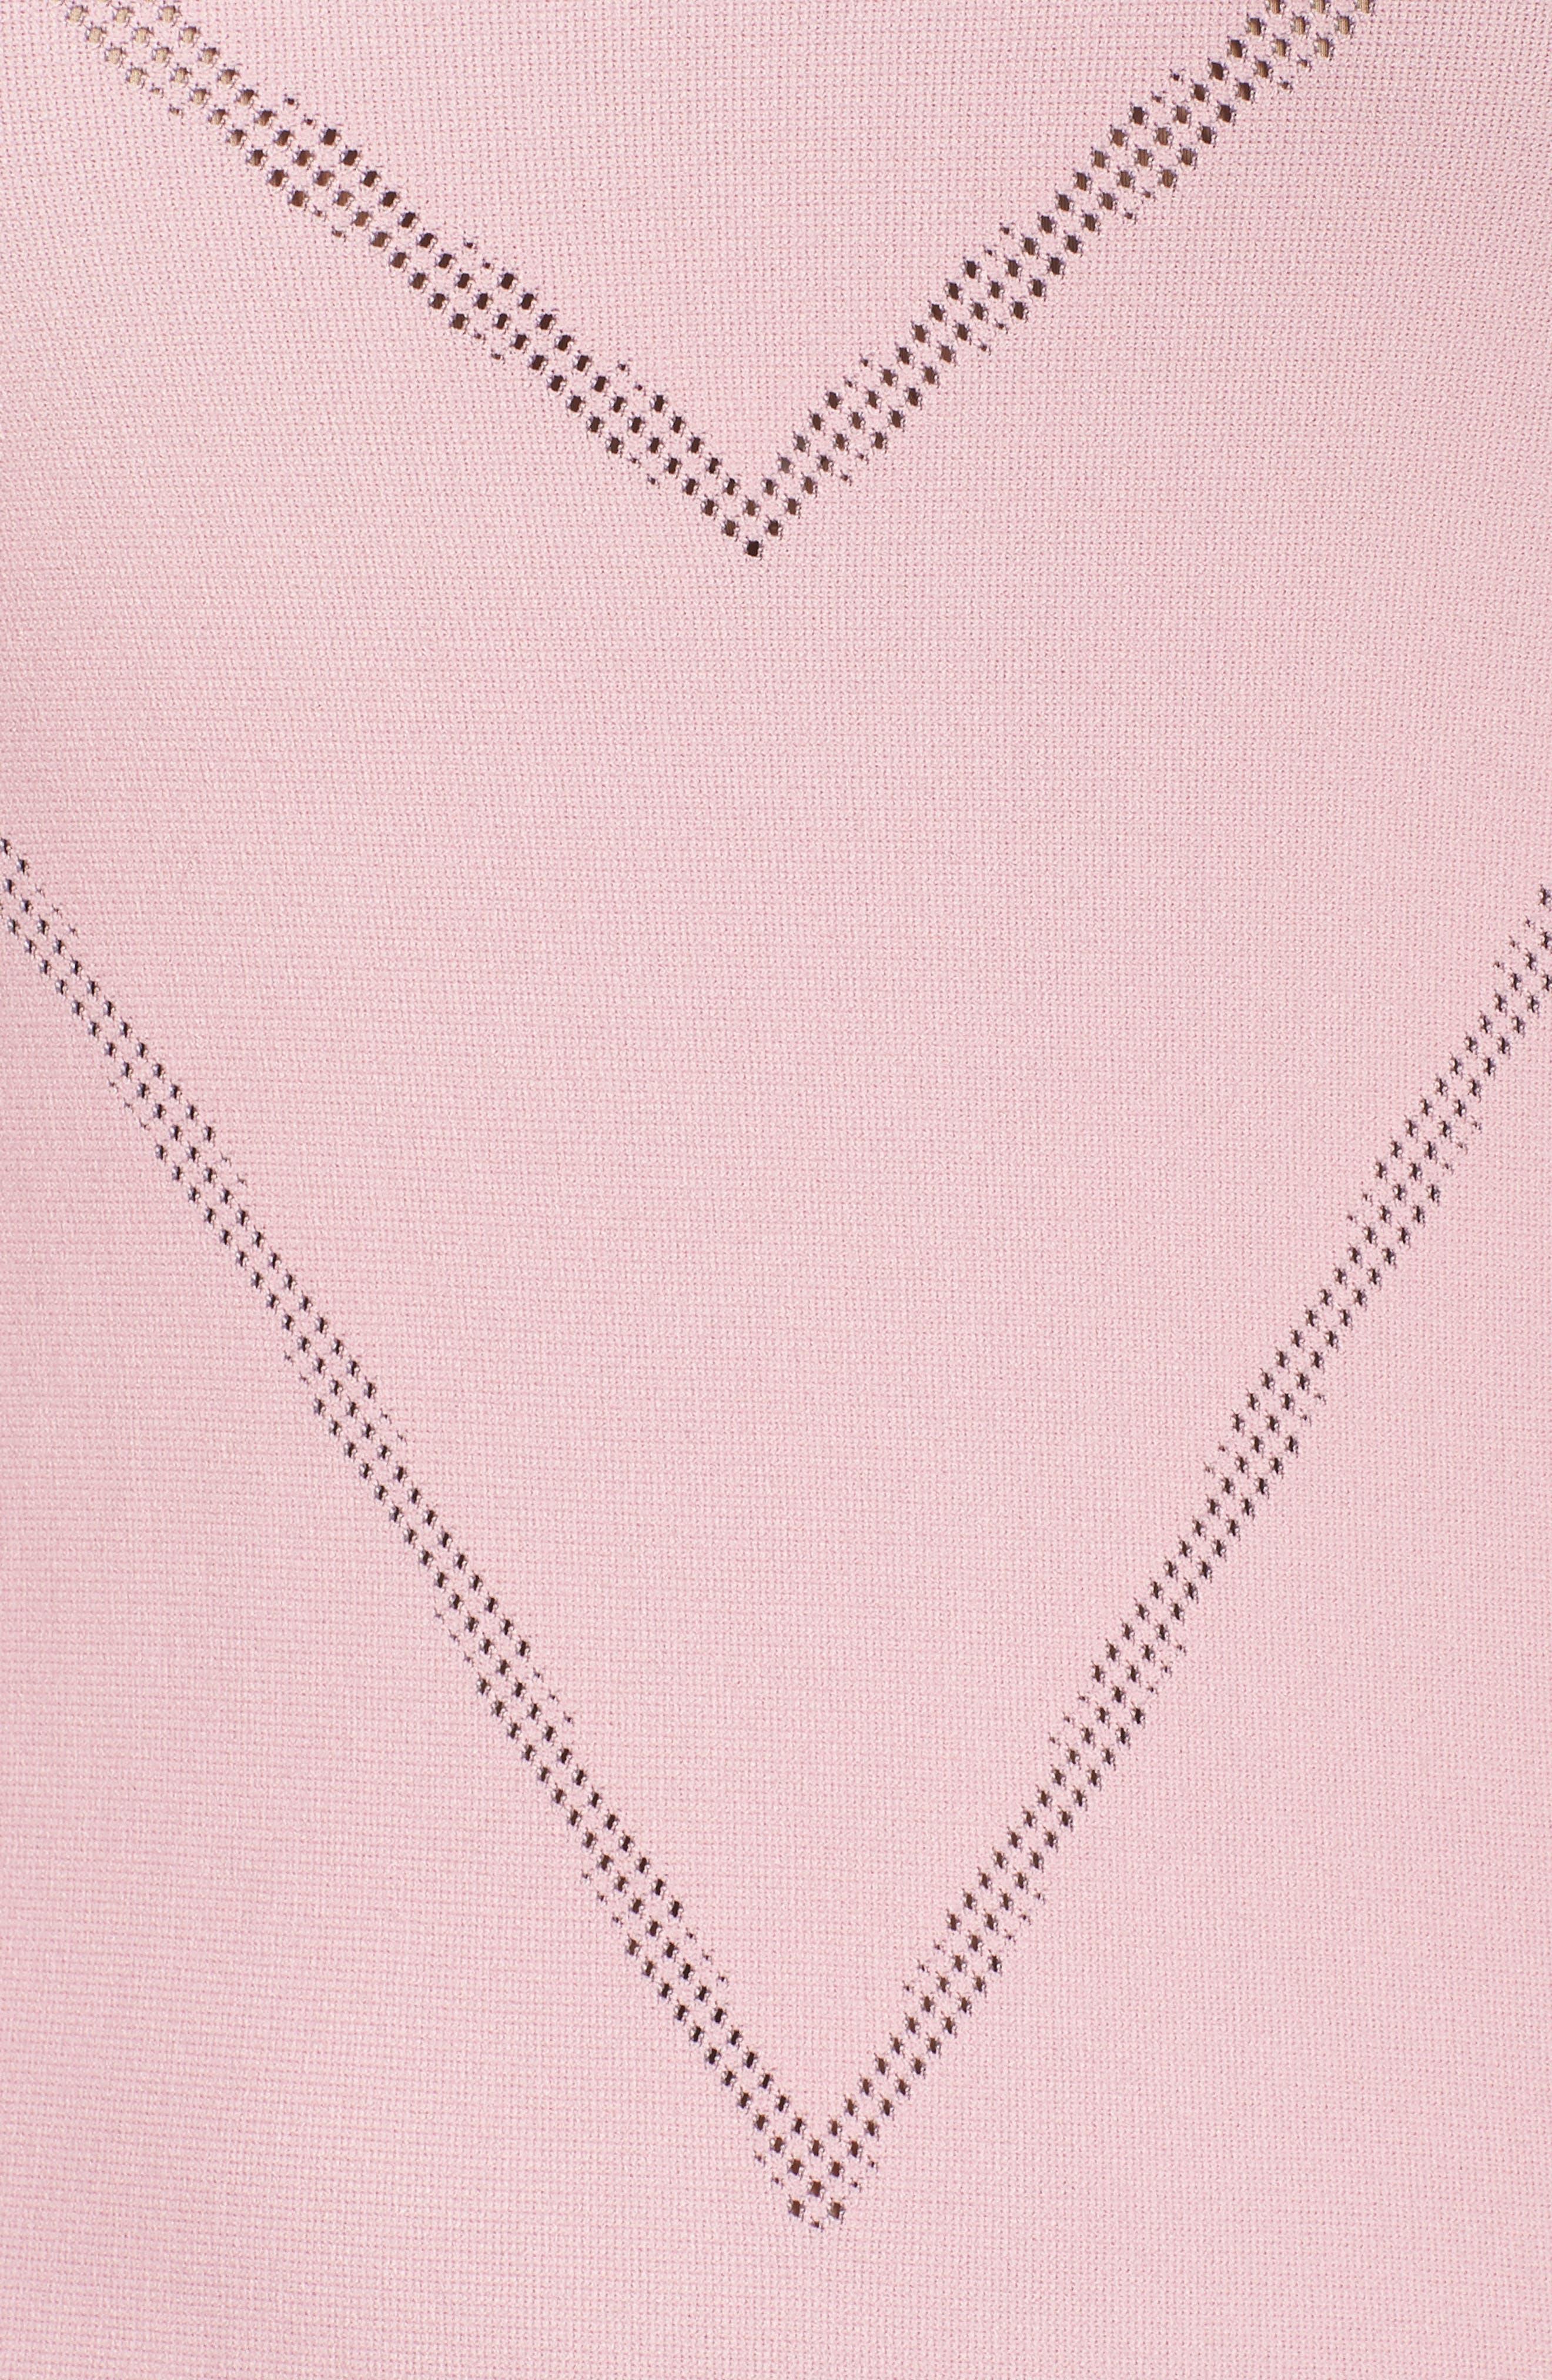 Luxe Yoga Vest,                             Alternate thumbnail 6, color,                             650